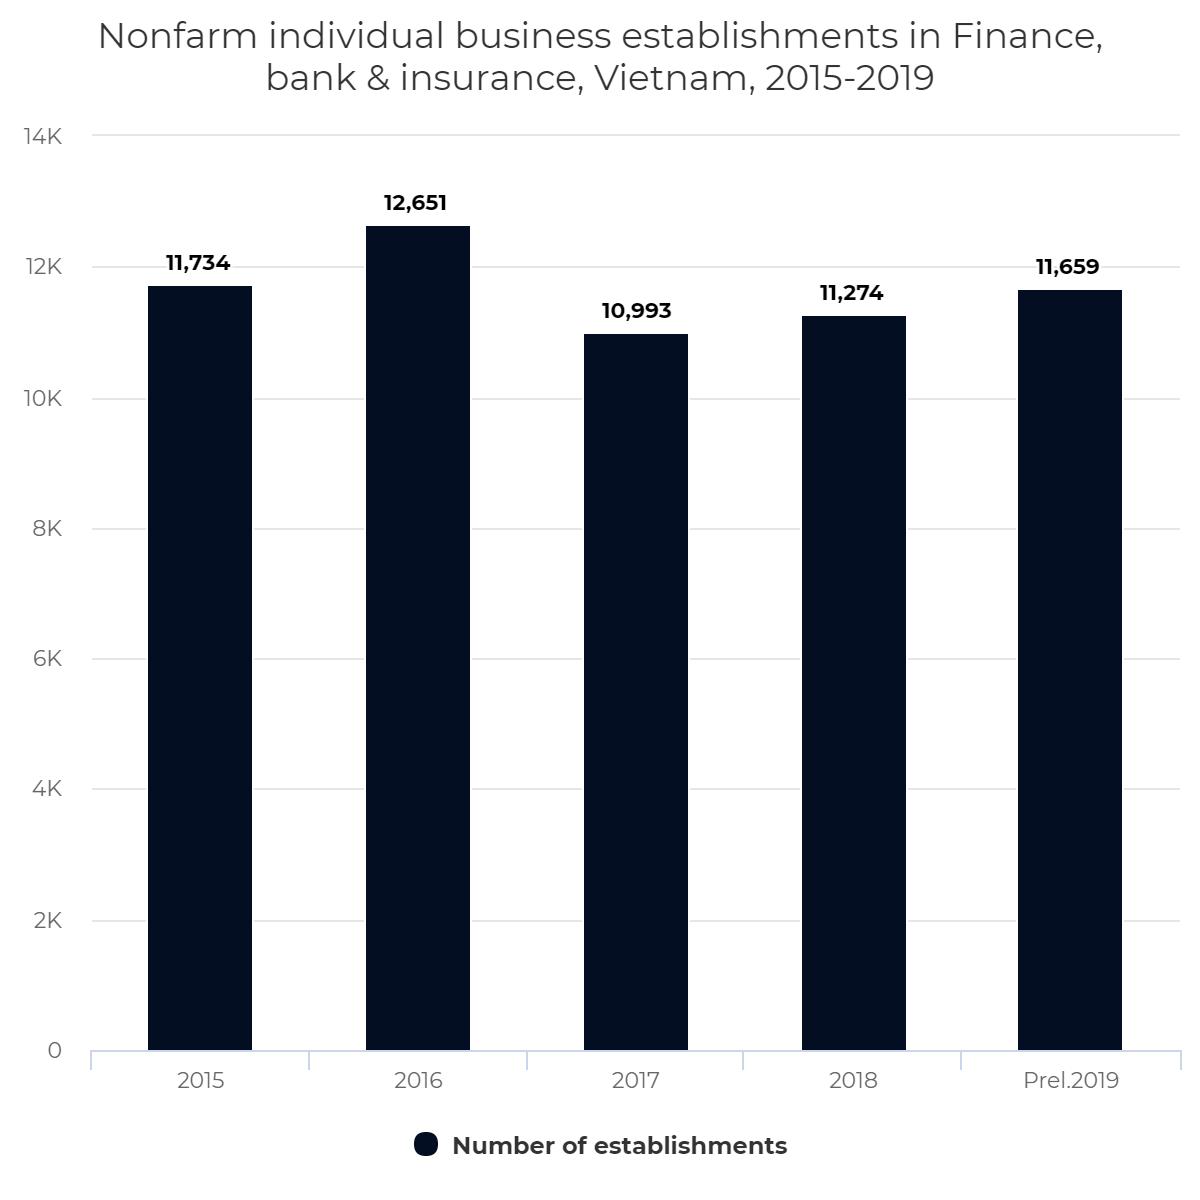 Nonfarm individual business establishments in Finance, bank & insurance, Vietnam, 2015-2019